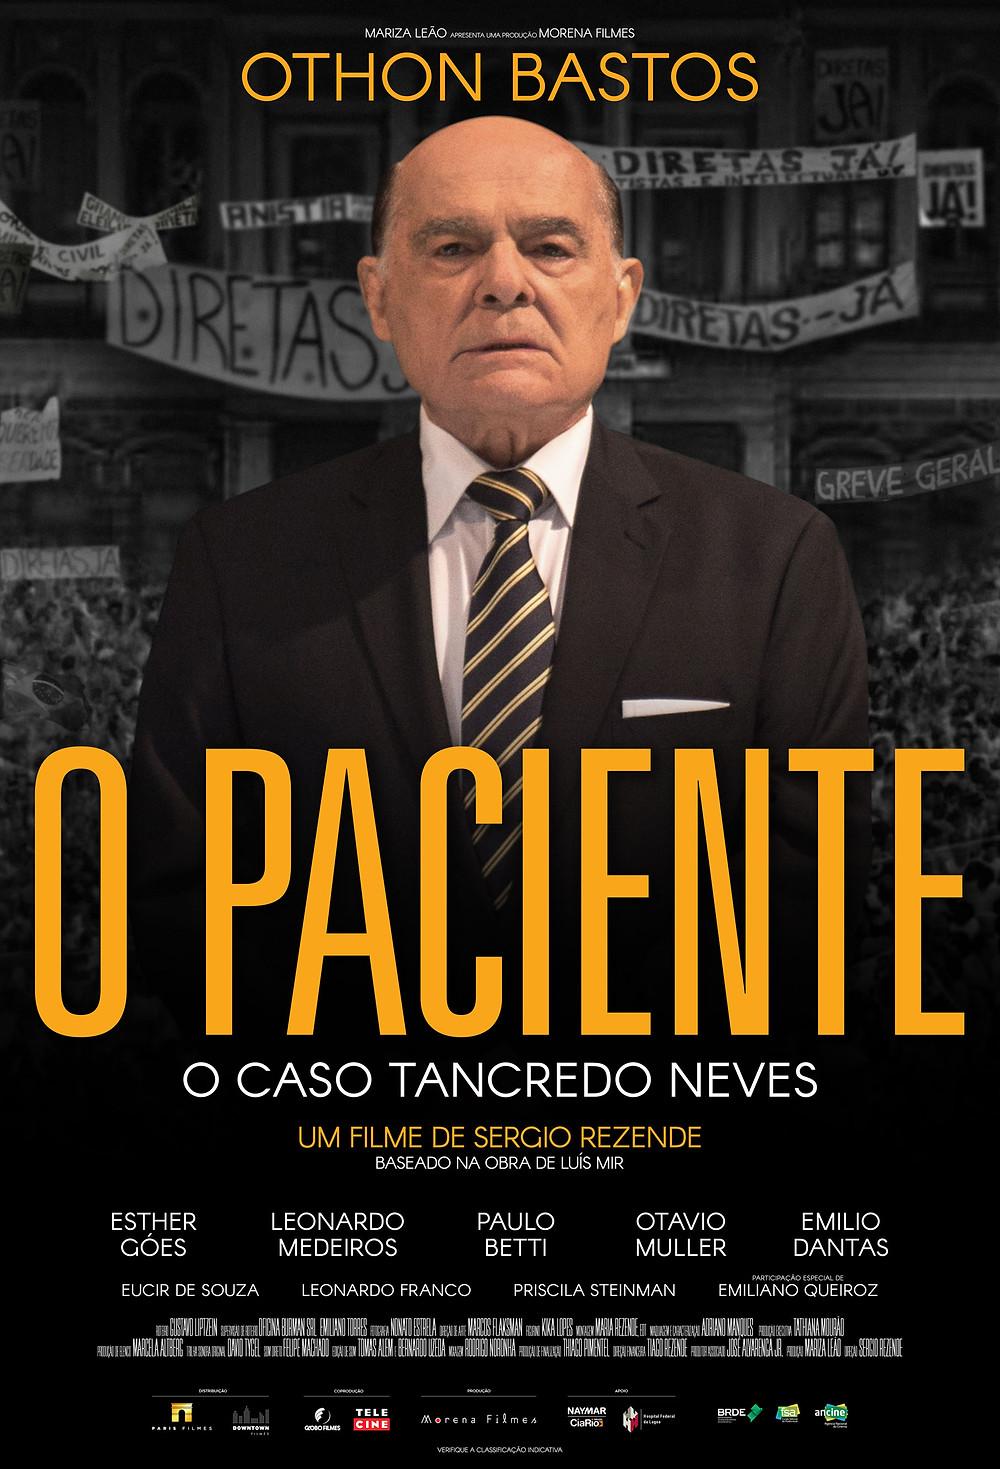 Cartaz de O Paciente – O Caso Tancredo Neves (2018) | Divulgação (Downtown Filmes / Paris Filmes)